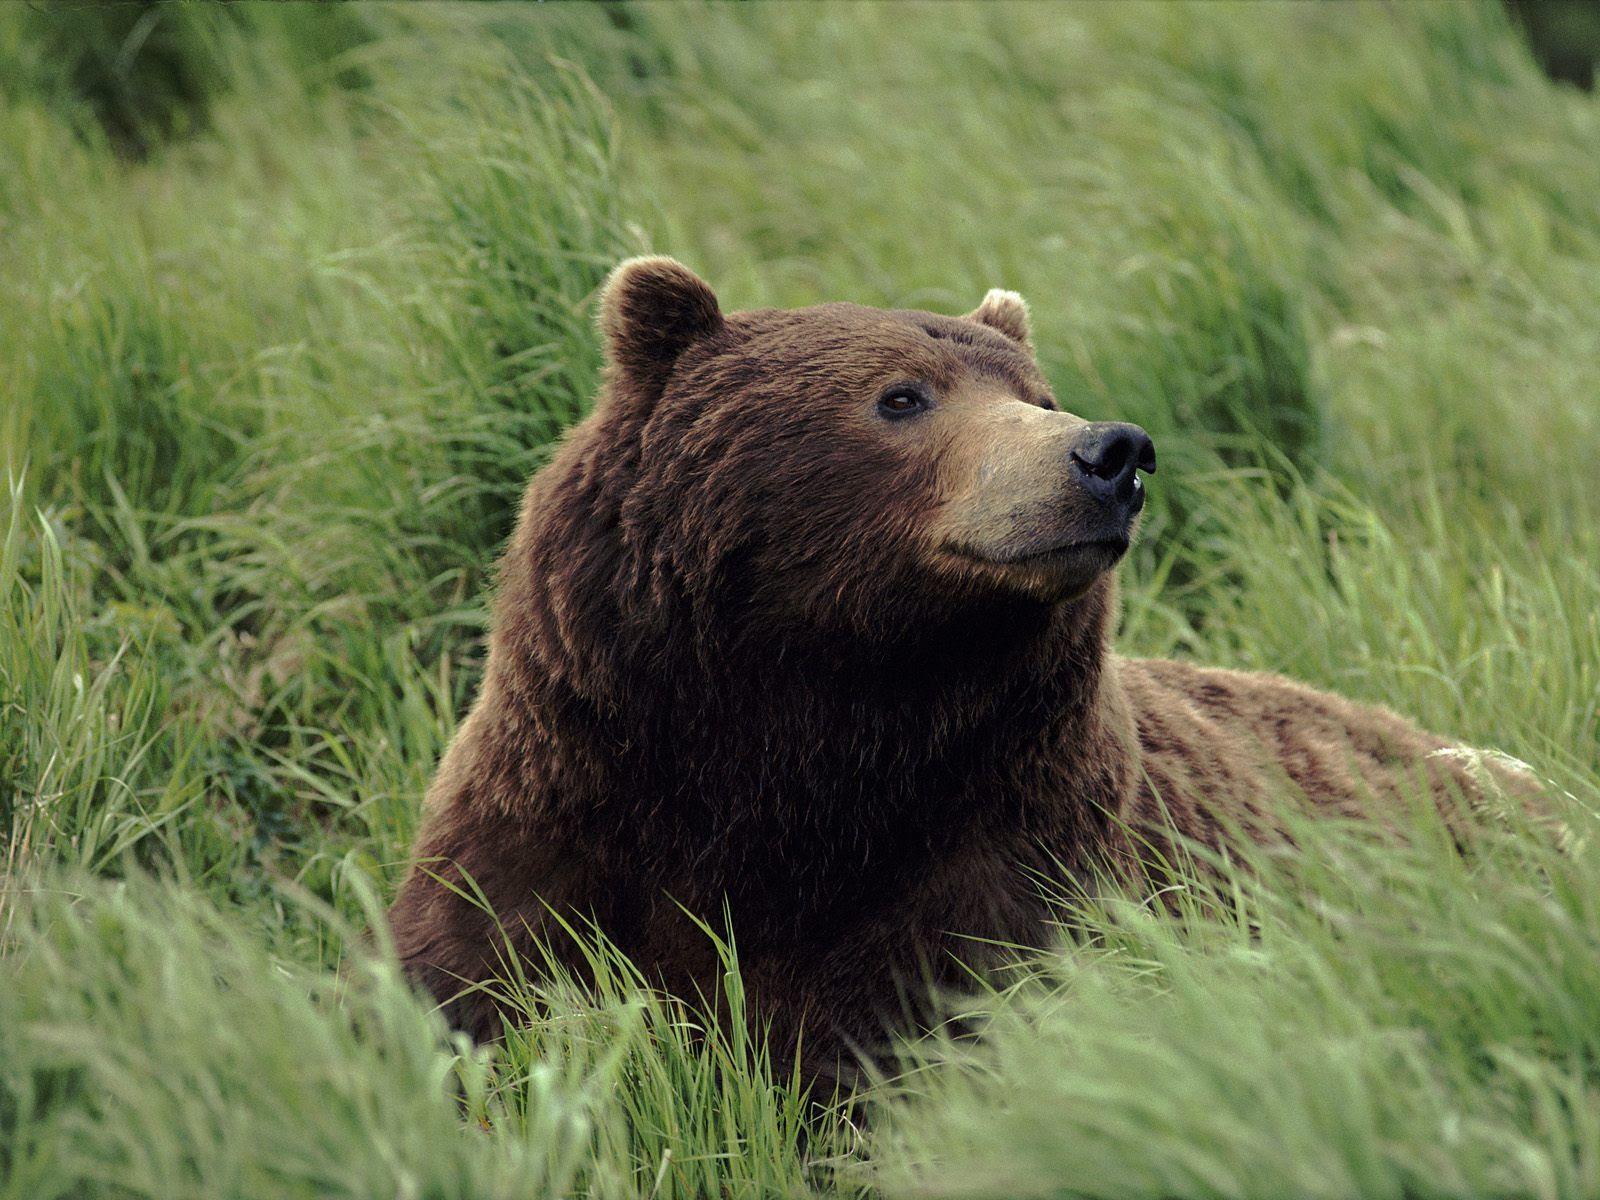 くま クマ 壁紙 Bears 壁紙 31446780 ファンポップ